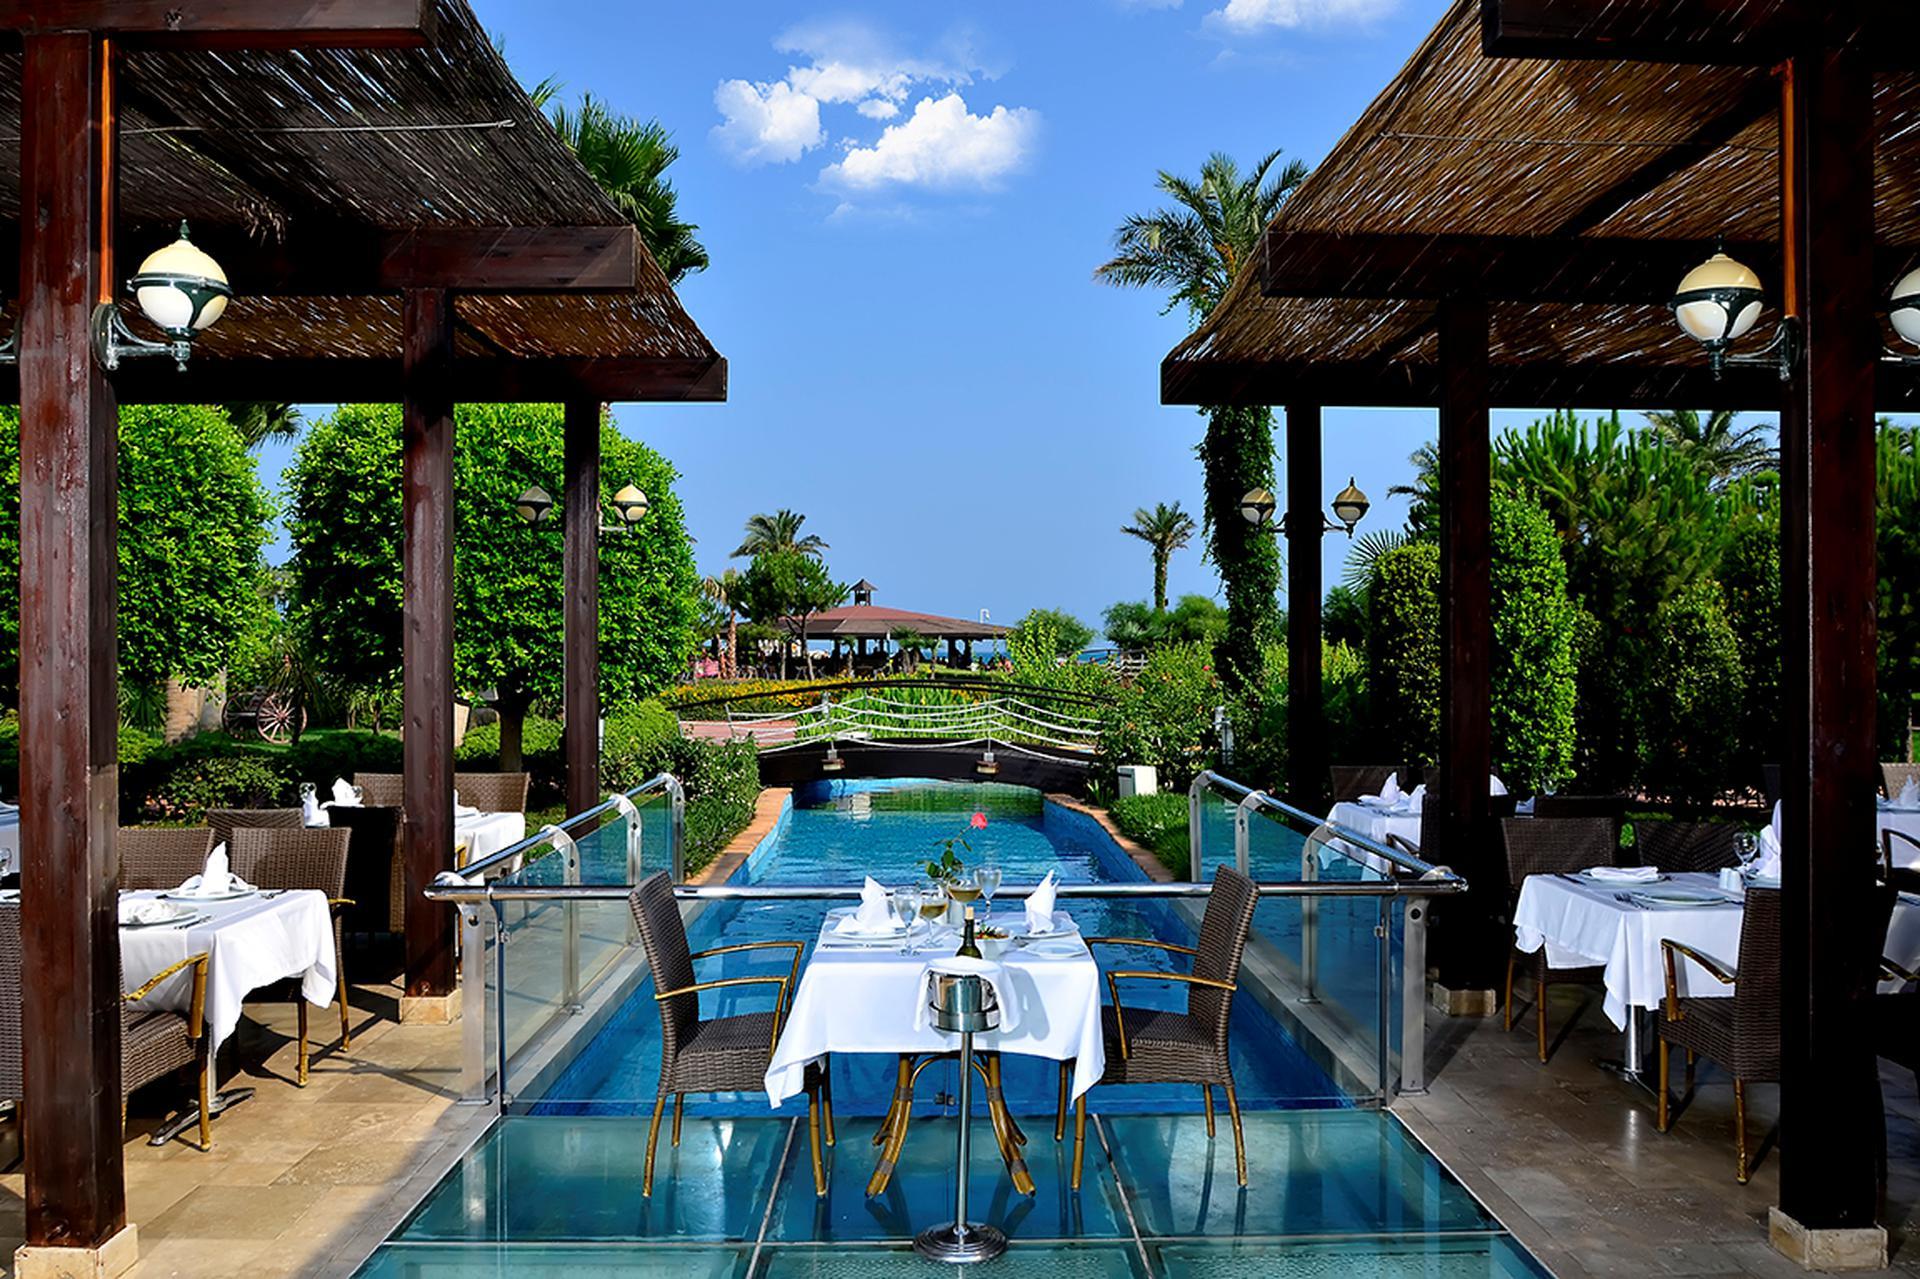 Urlaub Turkei Lara Hotel Miracle Resort